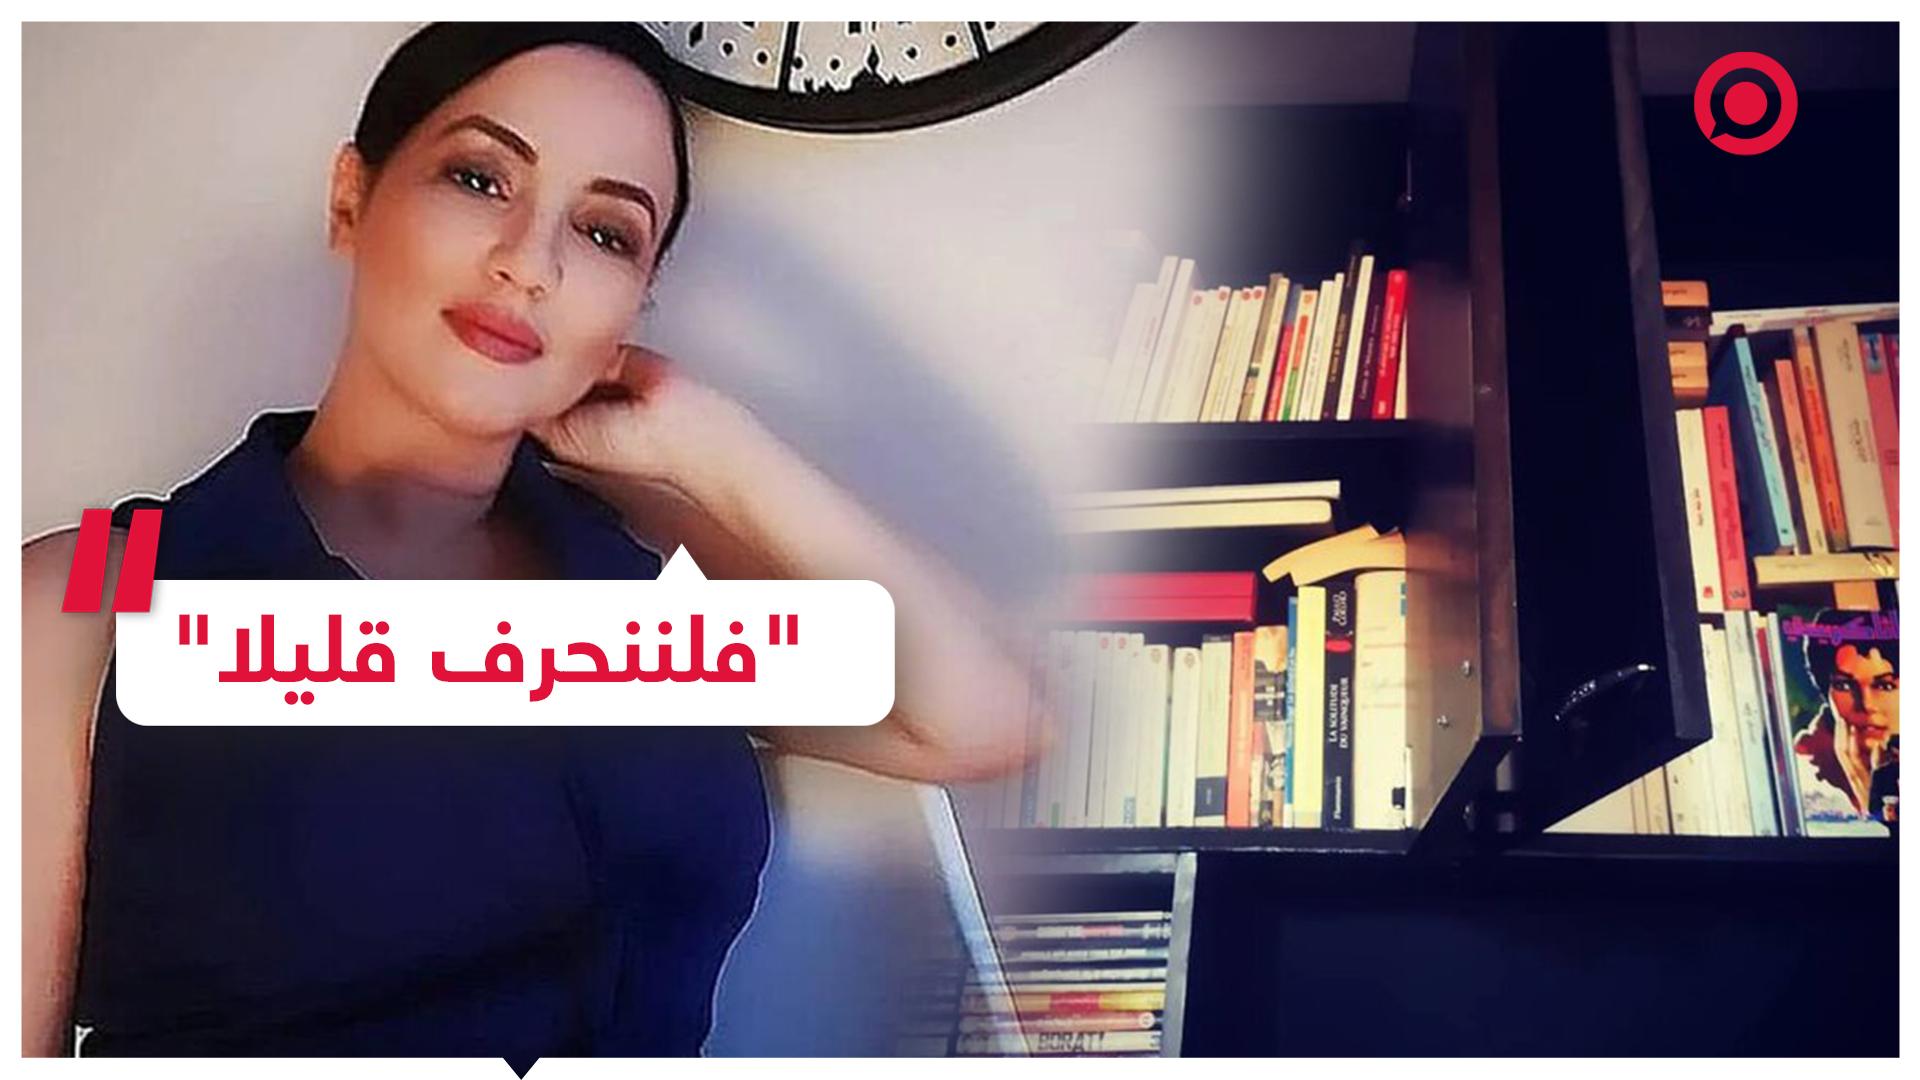 فنانة مغربية تثير الجدل بعد دعوة متابعيها